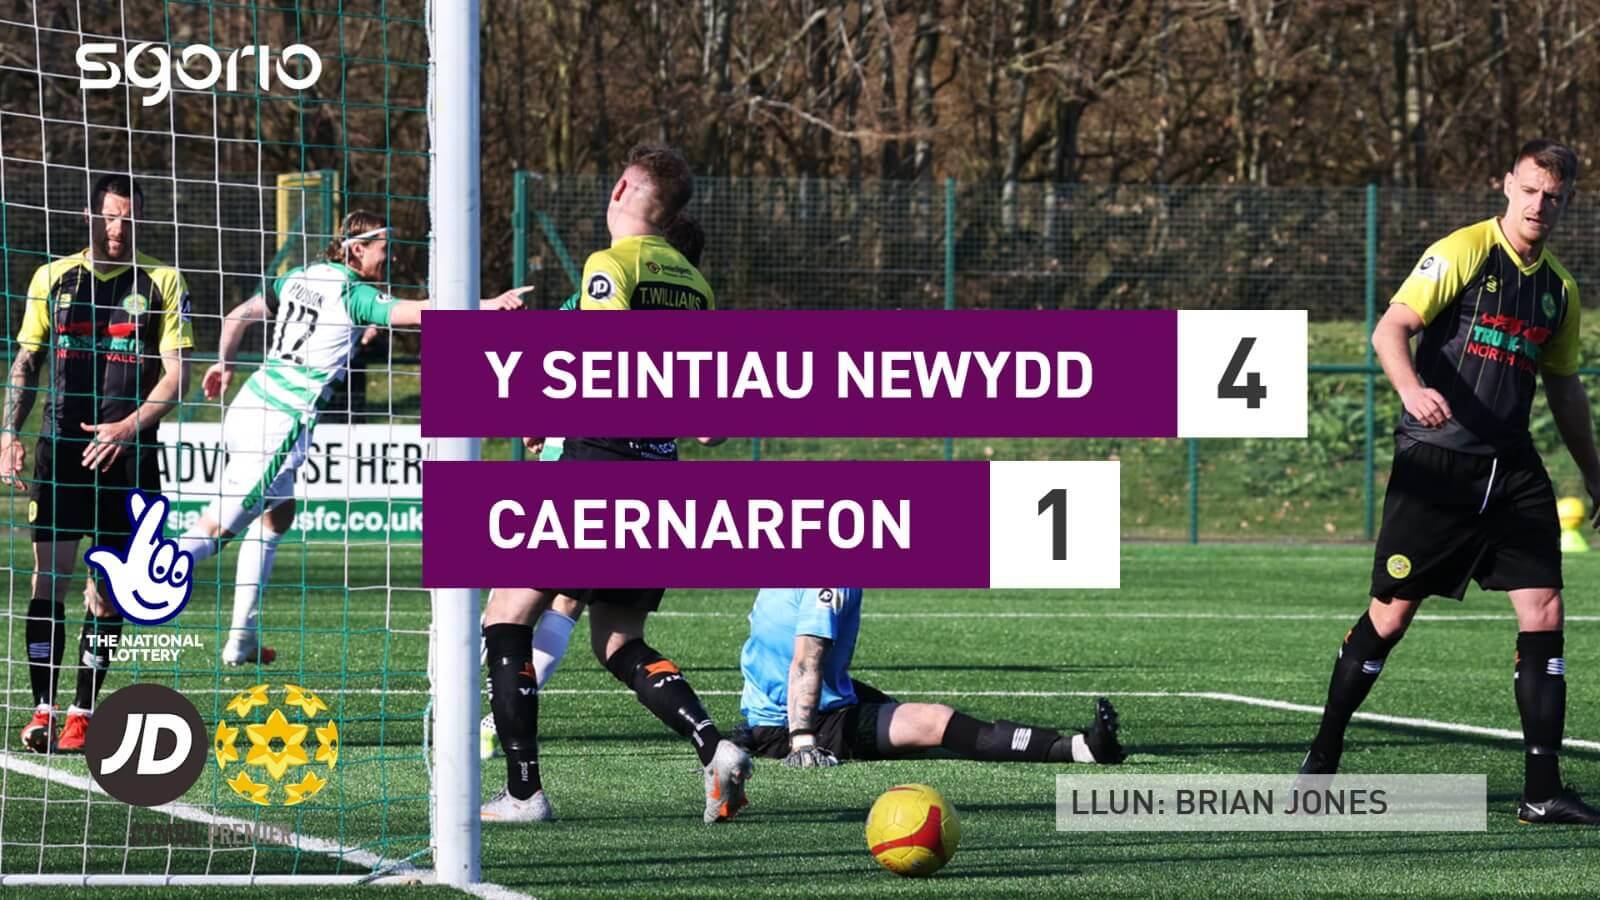 Y Seintiau Newydd 4-1 Caernarfon